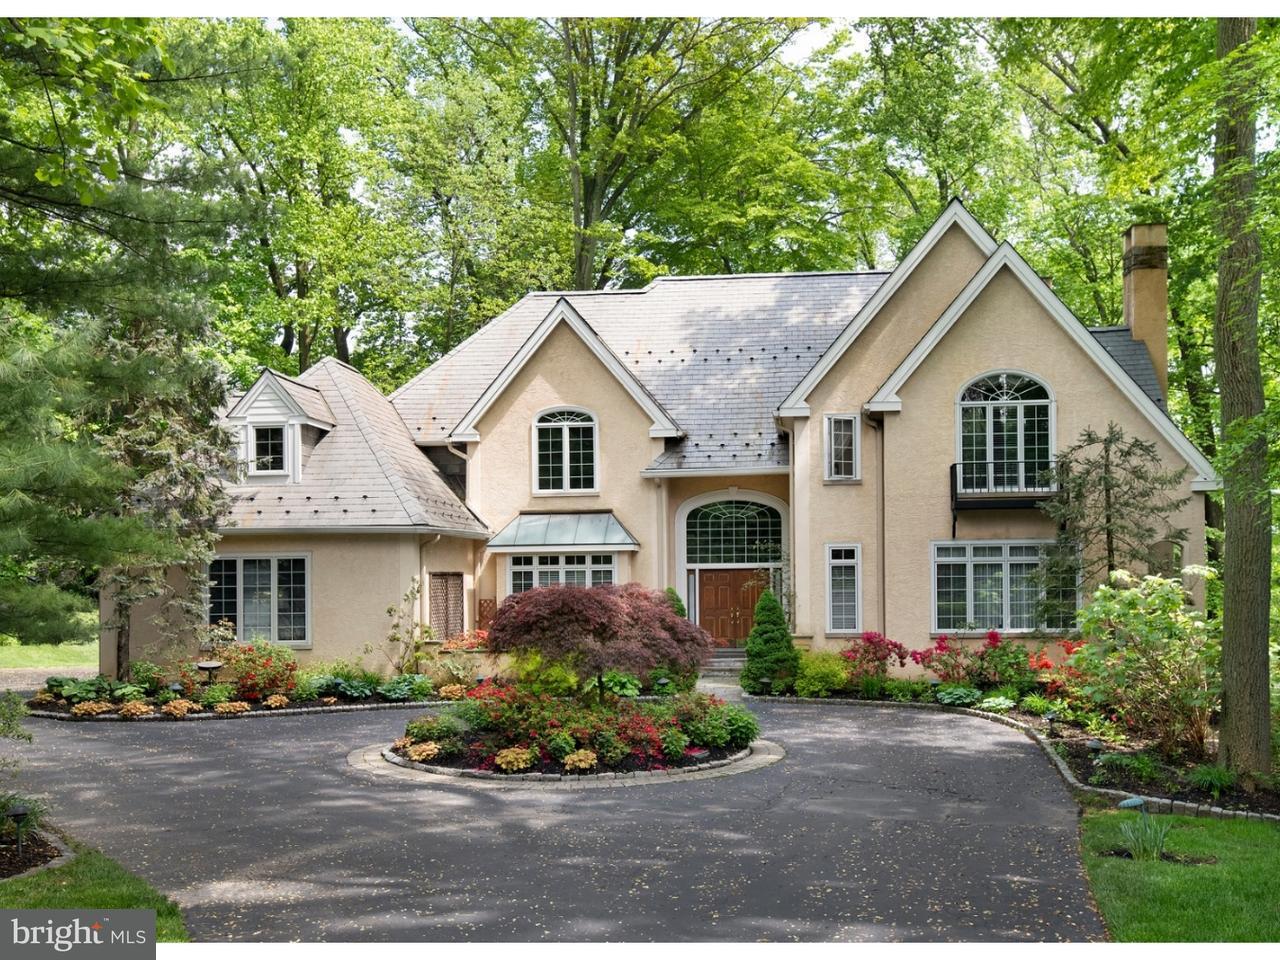 Maison unifamiliale pour l Vente à 607 LONGCHAMPS Drive Devon, Pennsylvanie 19333 États-Unis